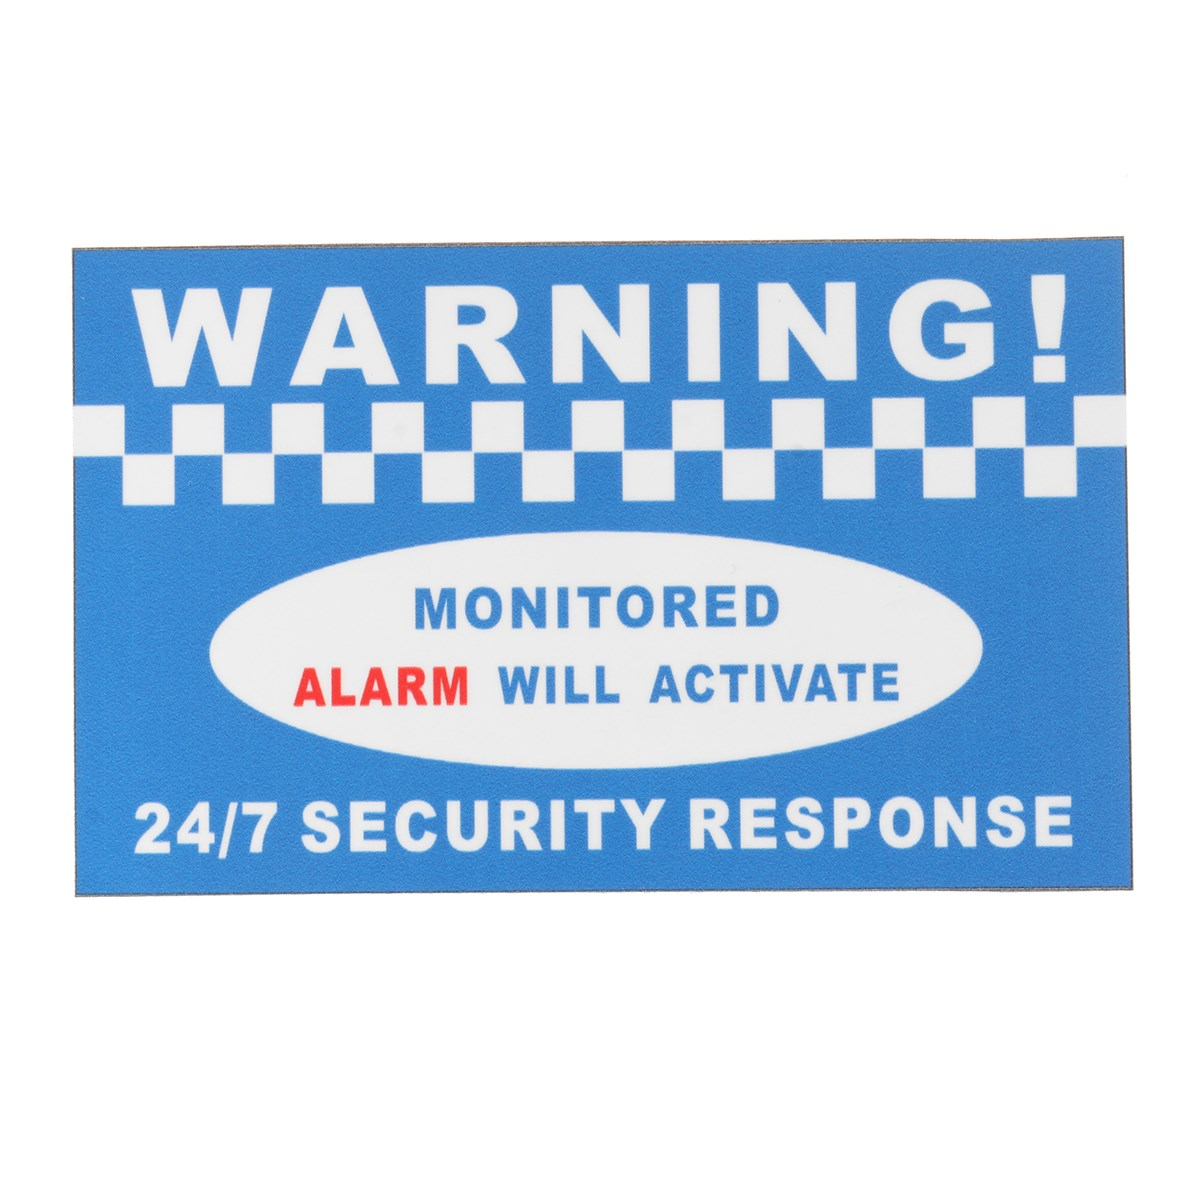 Новое предупреждение безопасности защиты виниловые сигнализации Наклейки Войти Наклейка дома офисные Детская безопасность